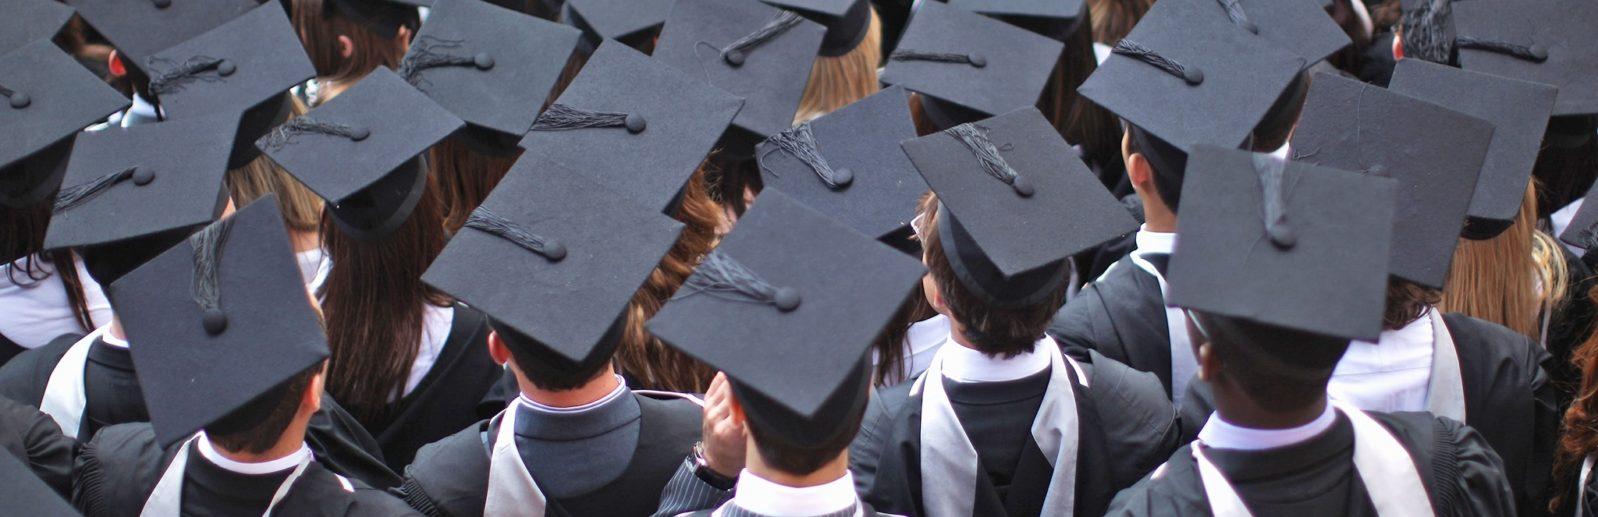 Высшее образование коронавирус каникулы